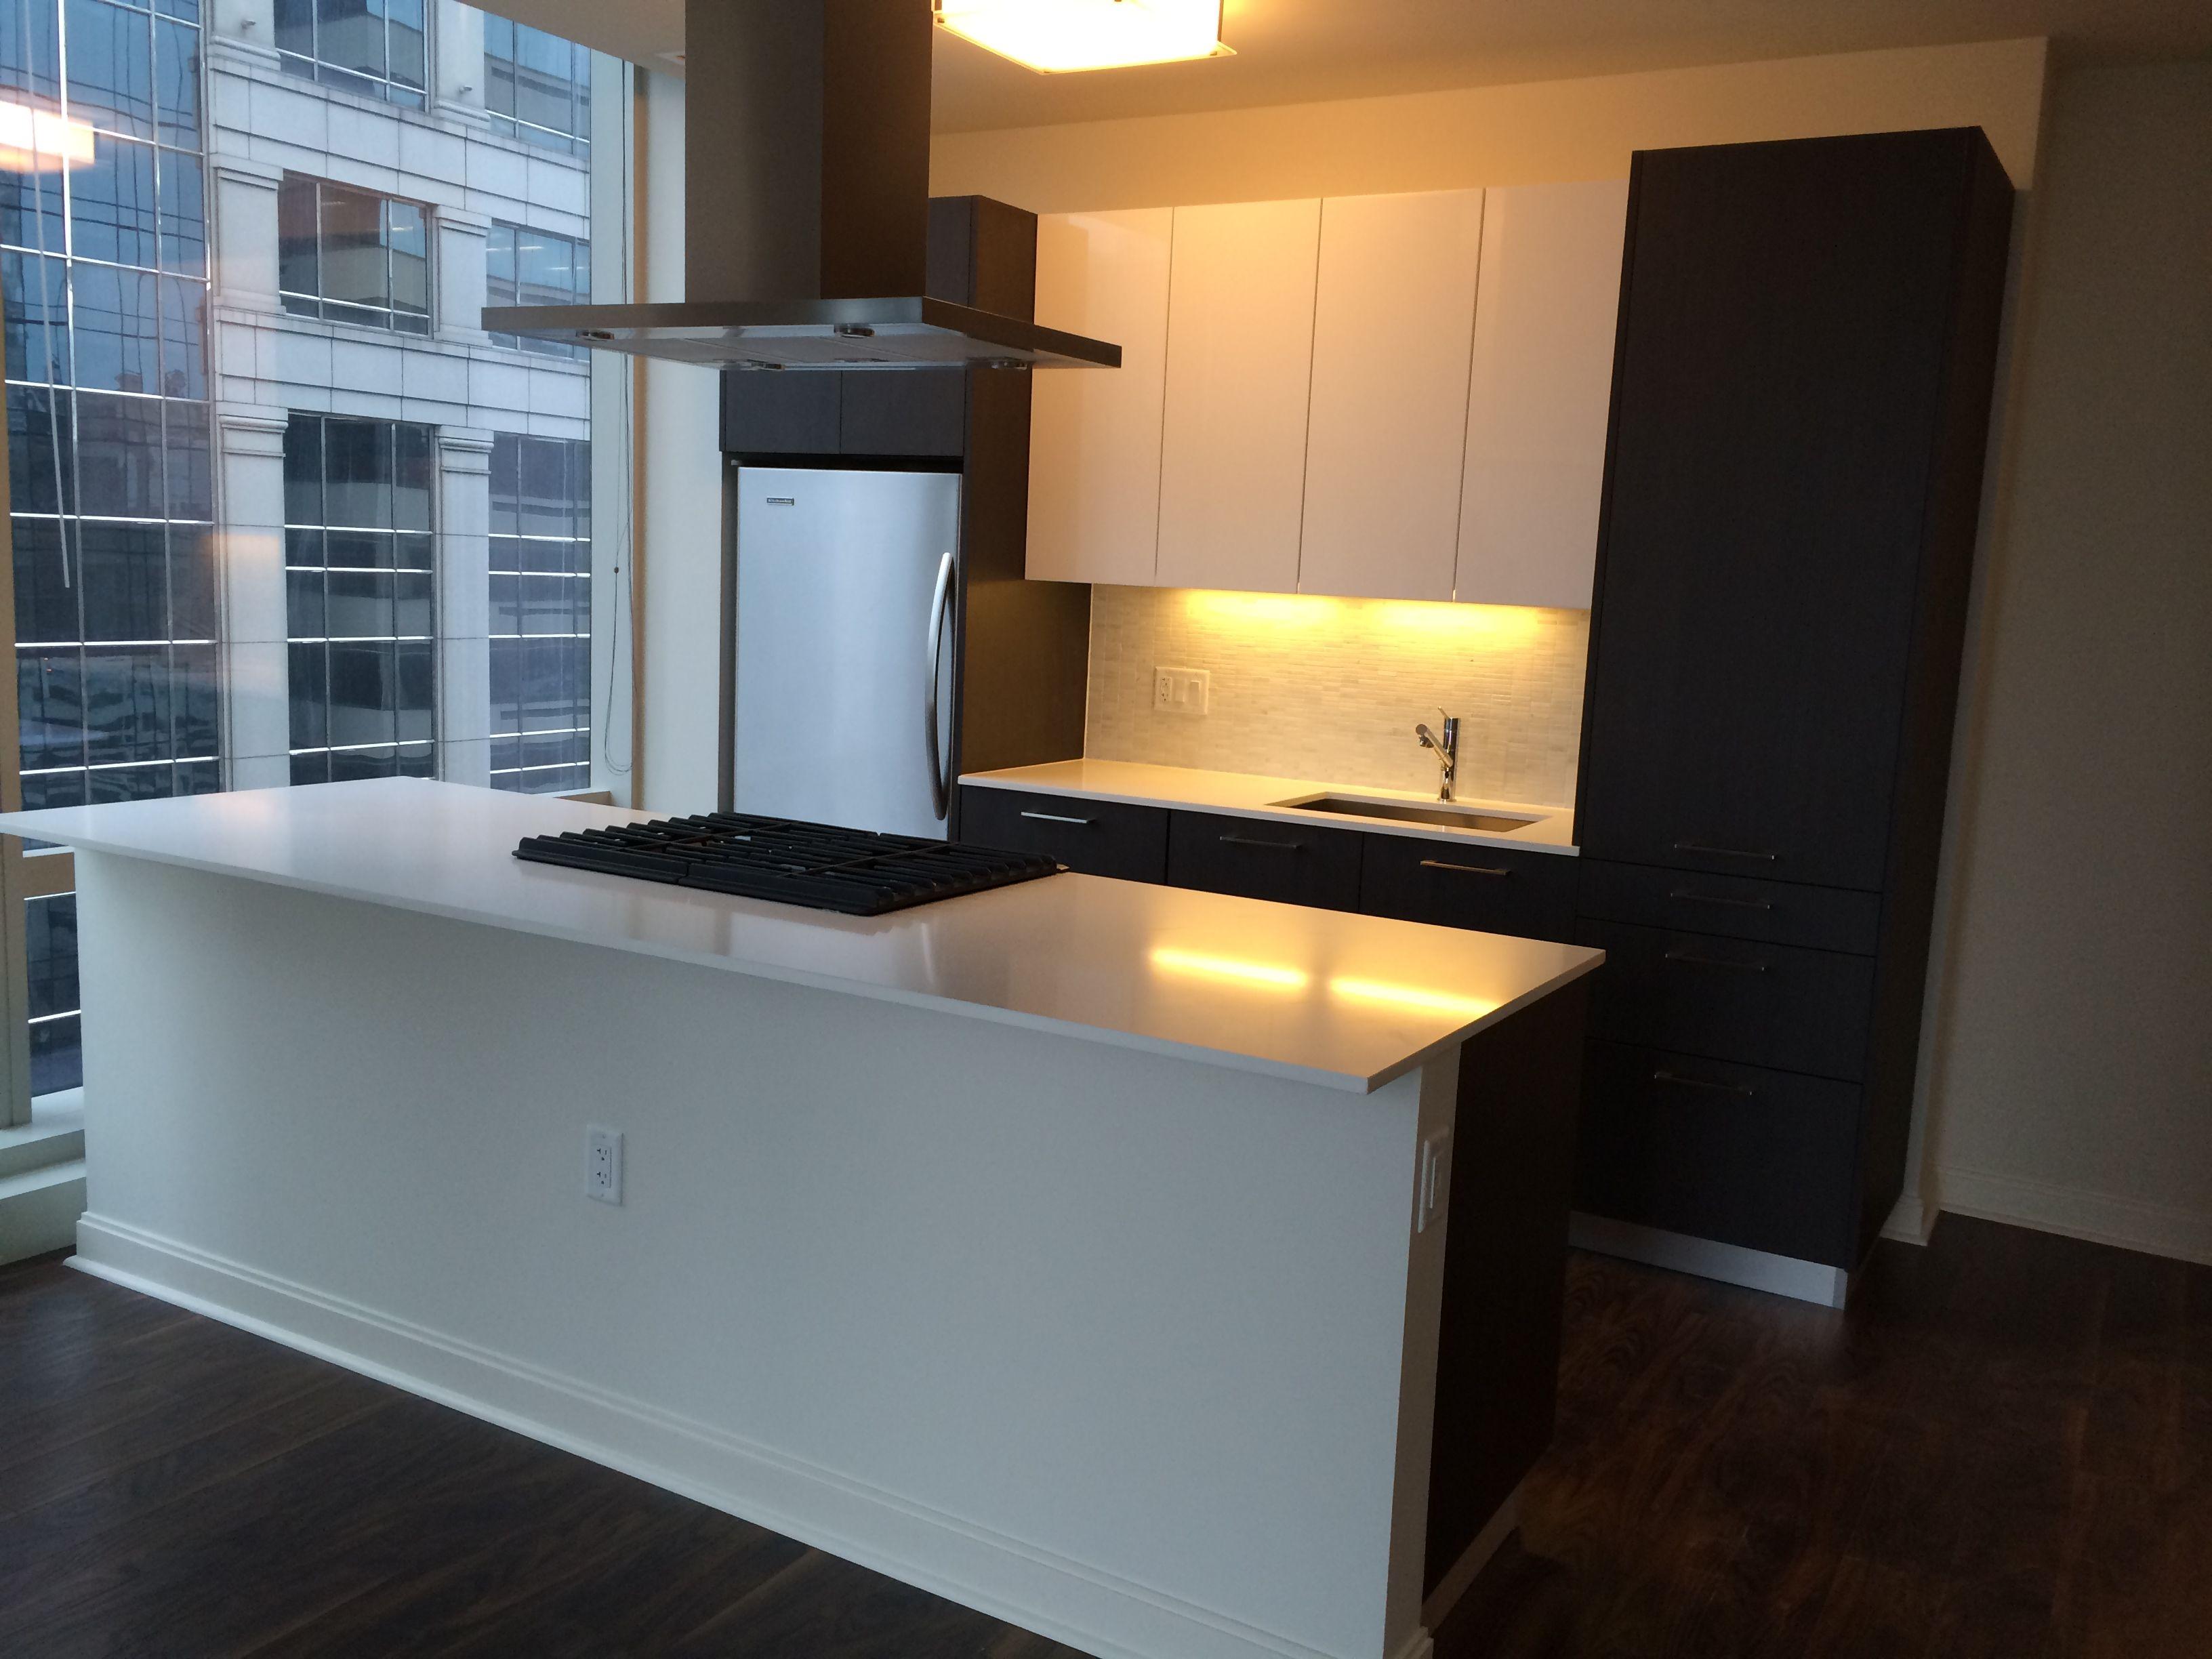 Chicago NorthLoop Apt Apartments Rentals Kitchen